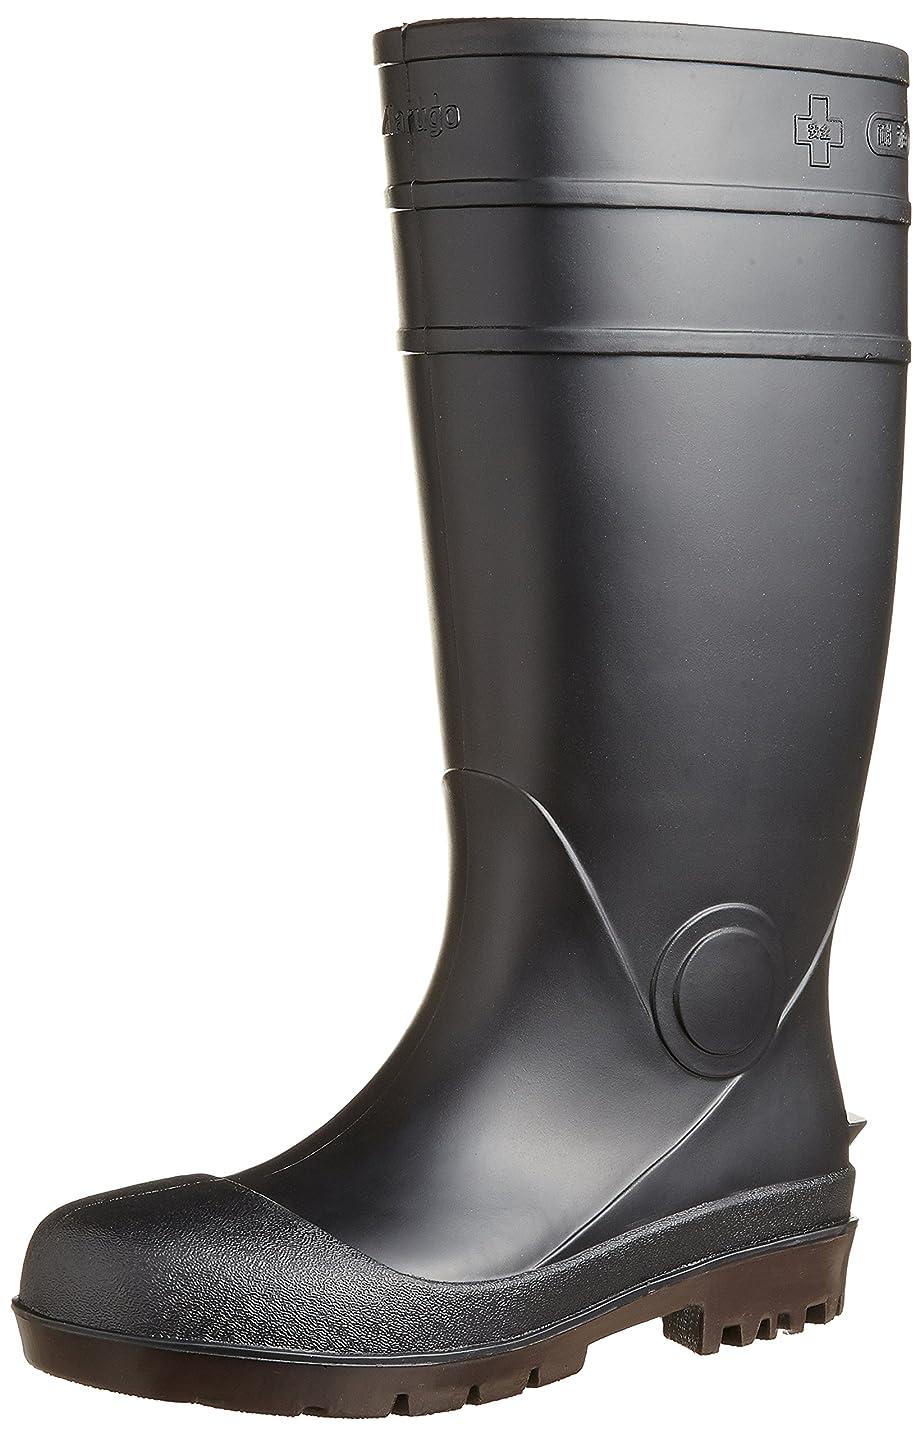 [マルゴ] 安全靴 作業靴 長靴 プロハークス#870